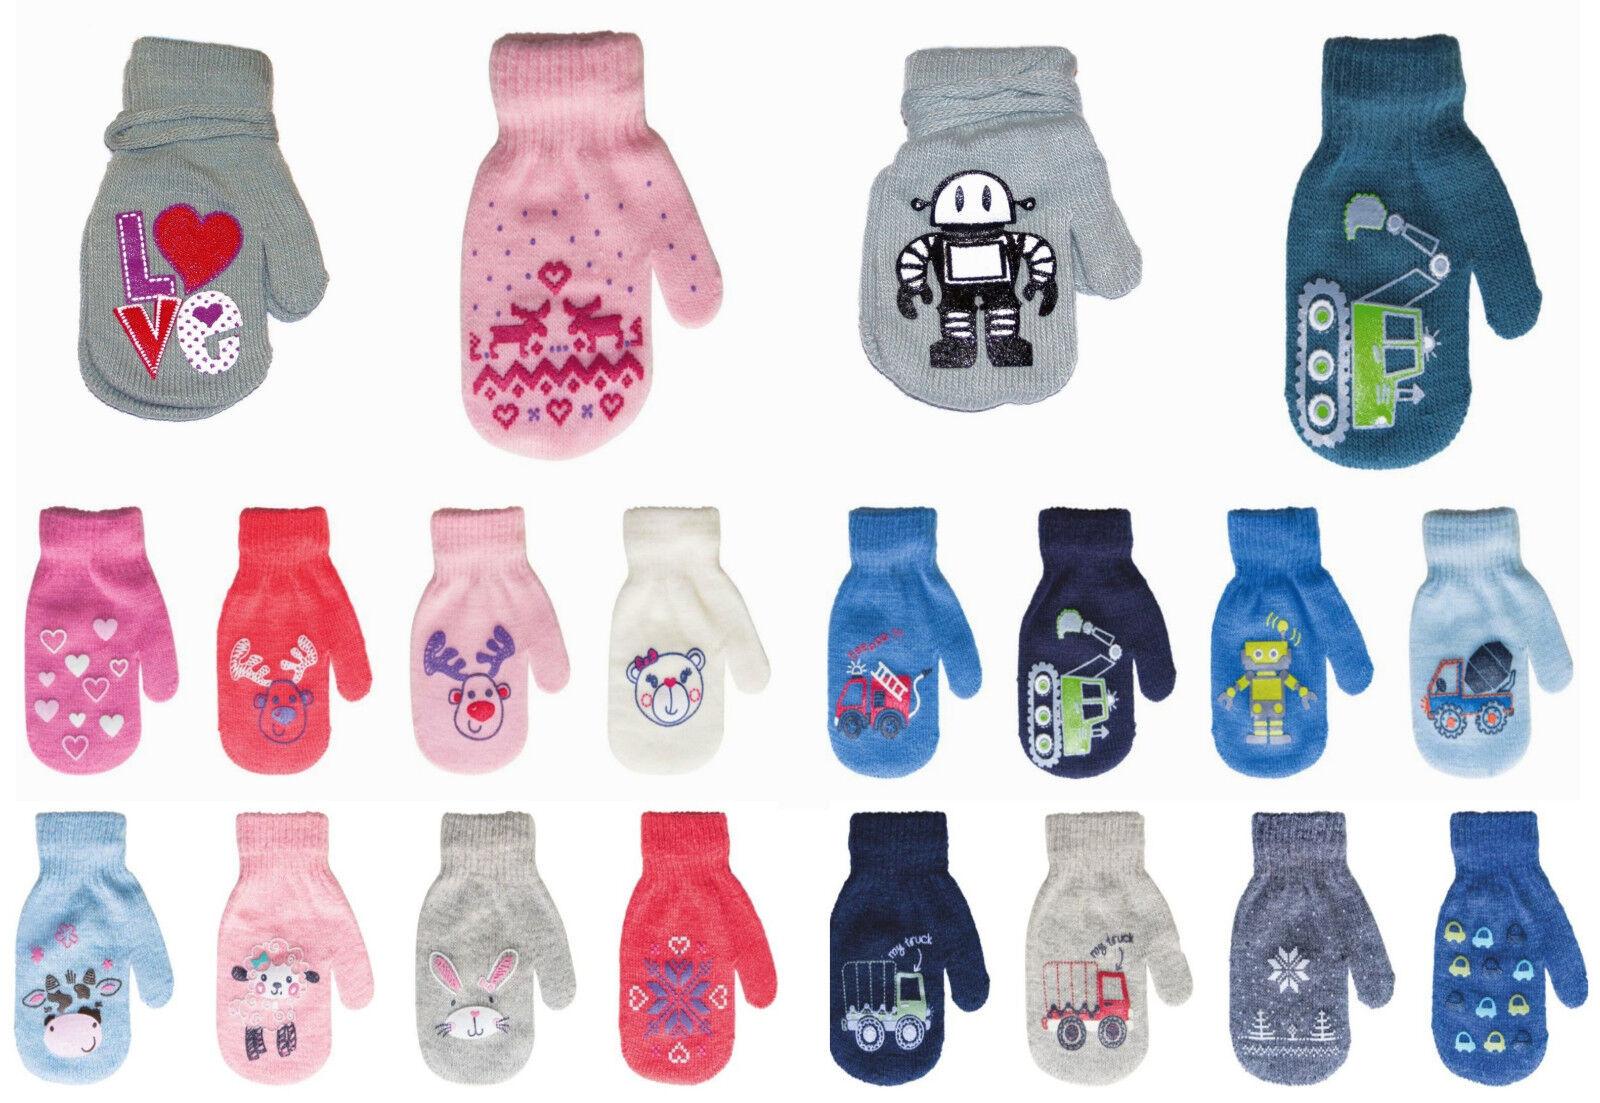 FÄUSTLINGE Handschuhe Baby Kinder Jungen Mädchen Babyhandschuhe 10,12,14cm NEU x